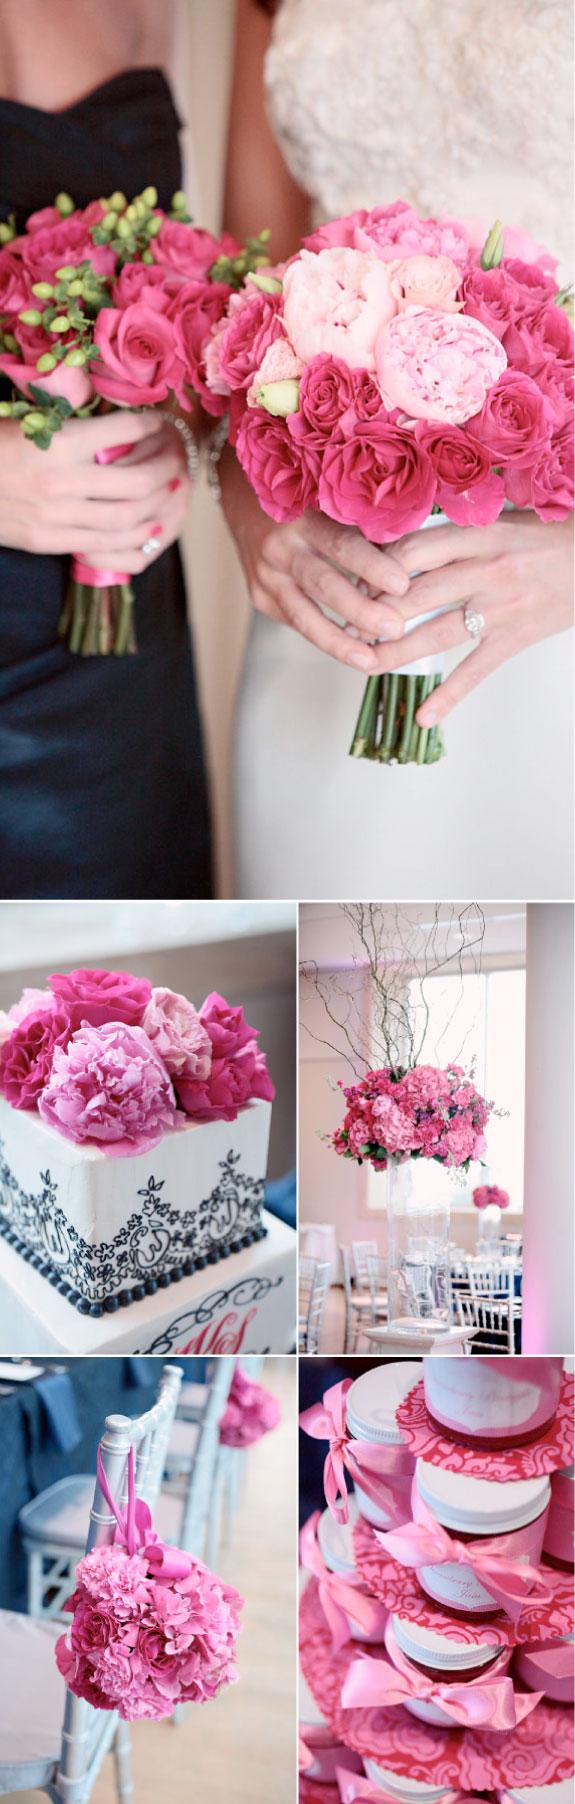 Bukiet ślubny z jasnoróżowych róż, dekoracje na ślubie z róż